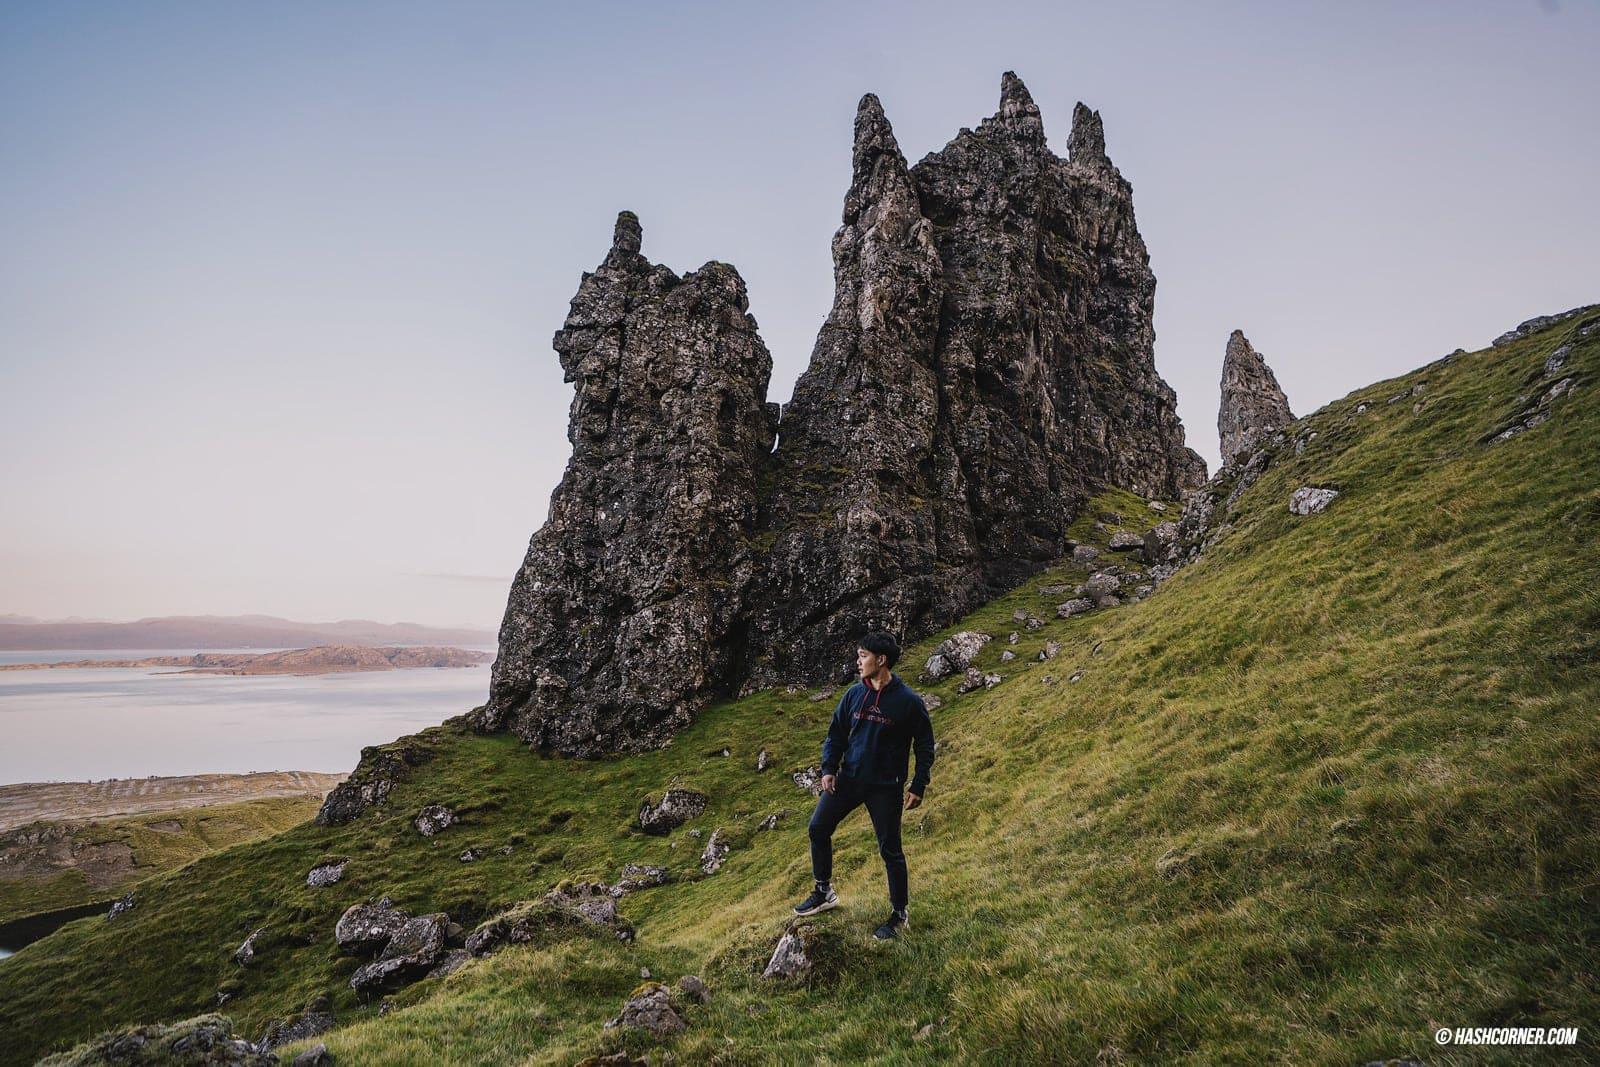 รีวิว เกาะสกาย (Isle of Skye) x สกอตแลนด์ ปีนเขา-ขับรถเที่ยว